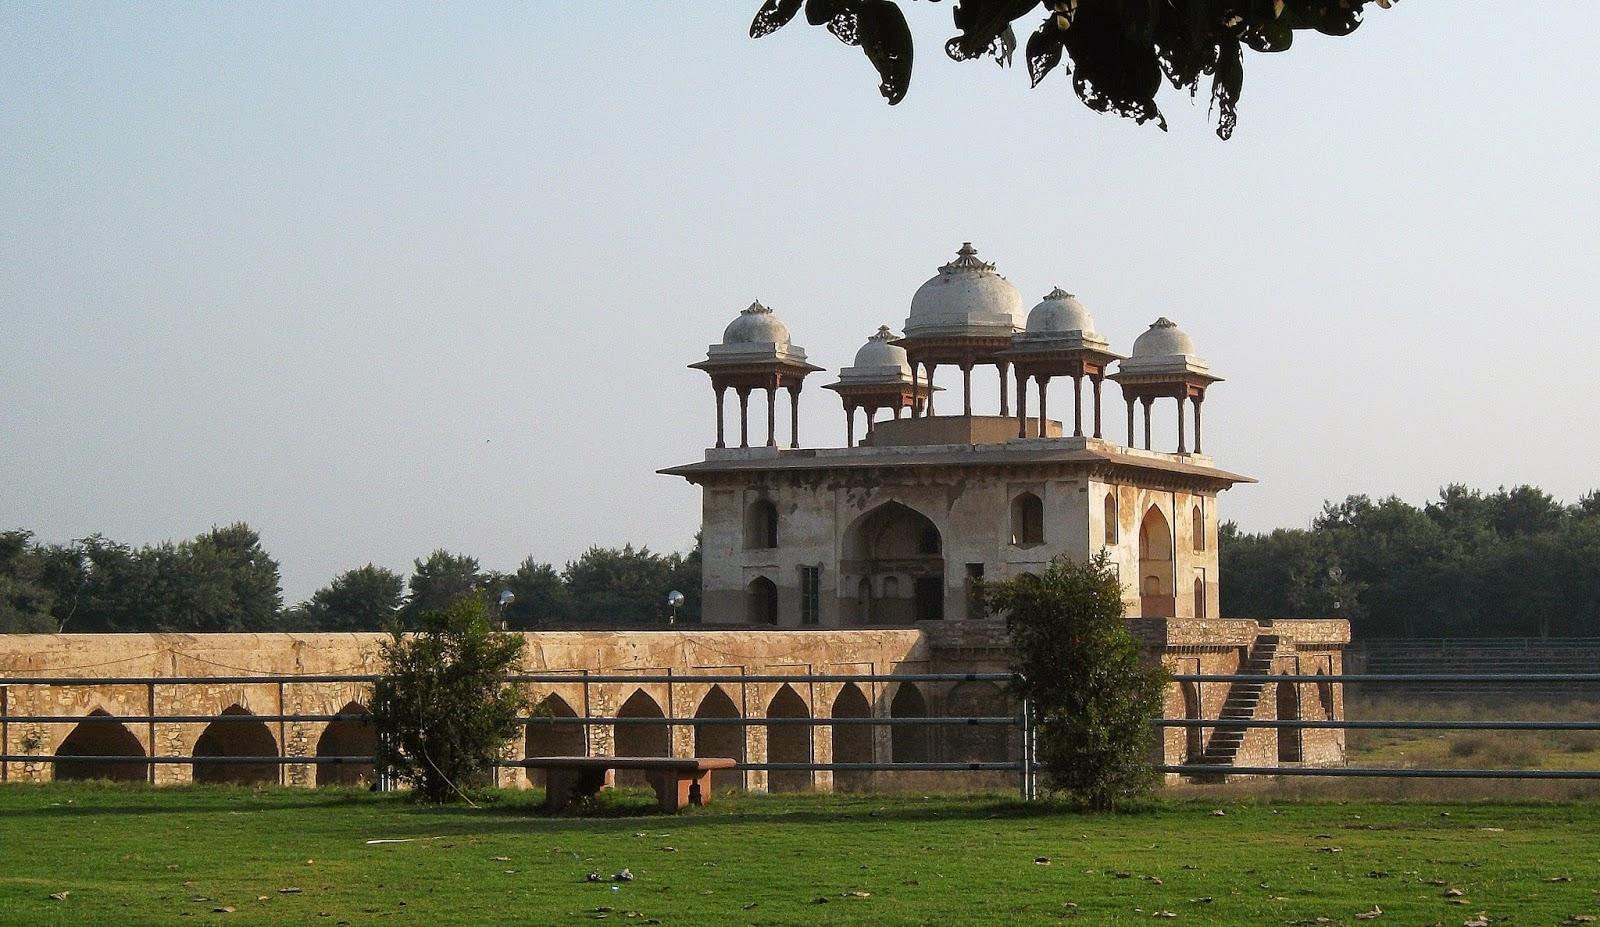 weekend getaways near DELHI-NCR